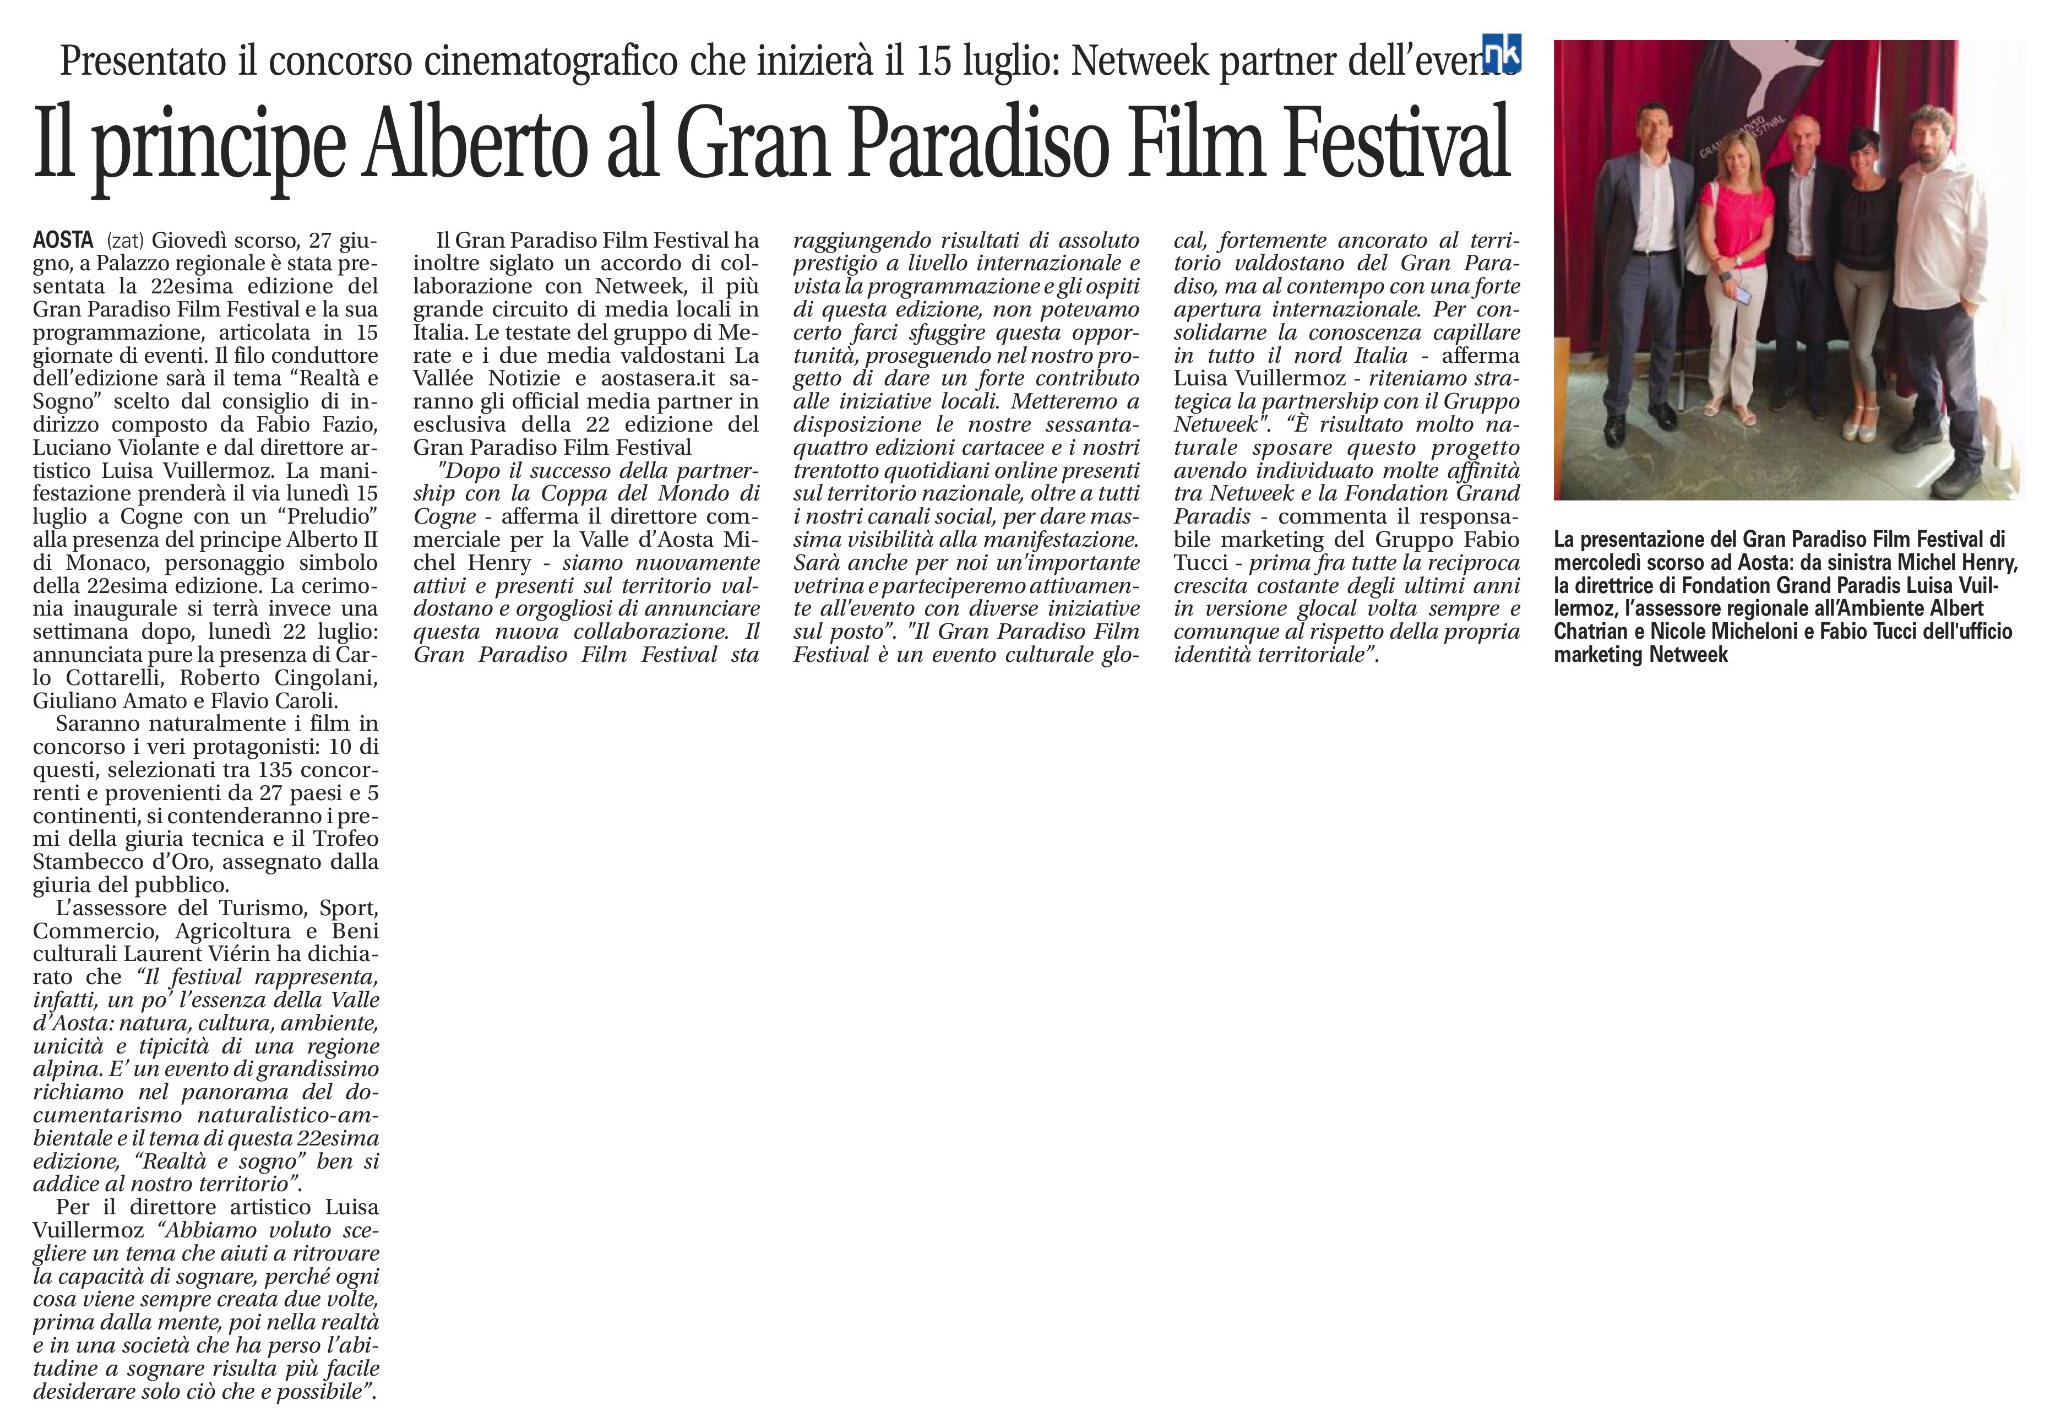 Il principe Alberto al Gran Paradiso Film Festival